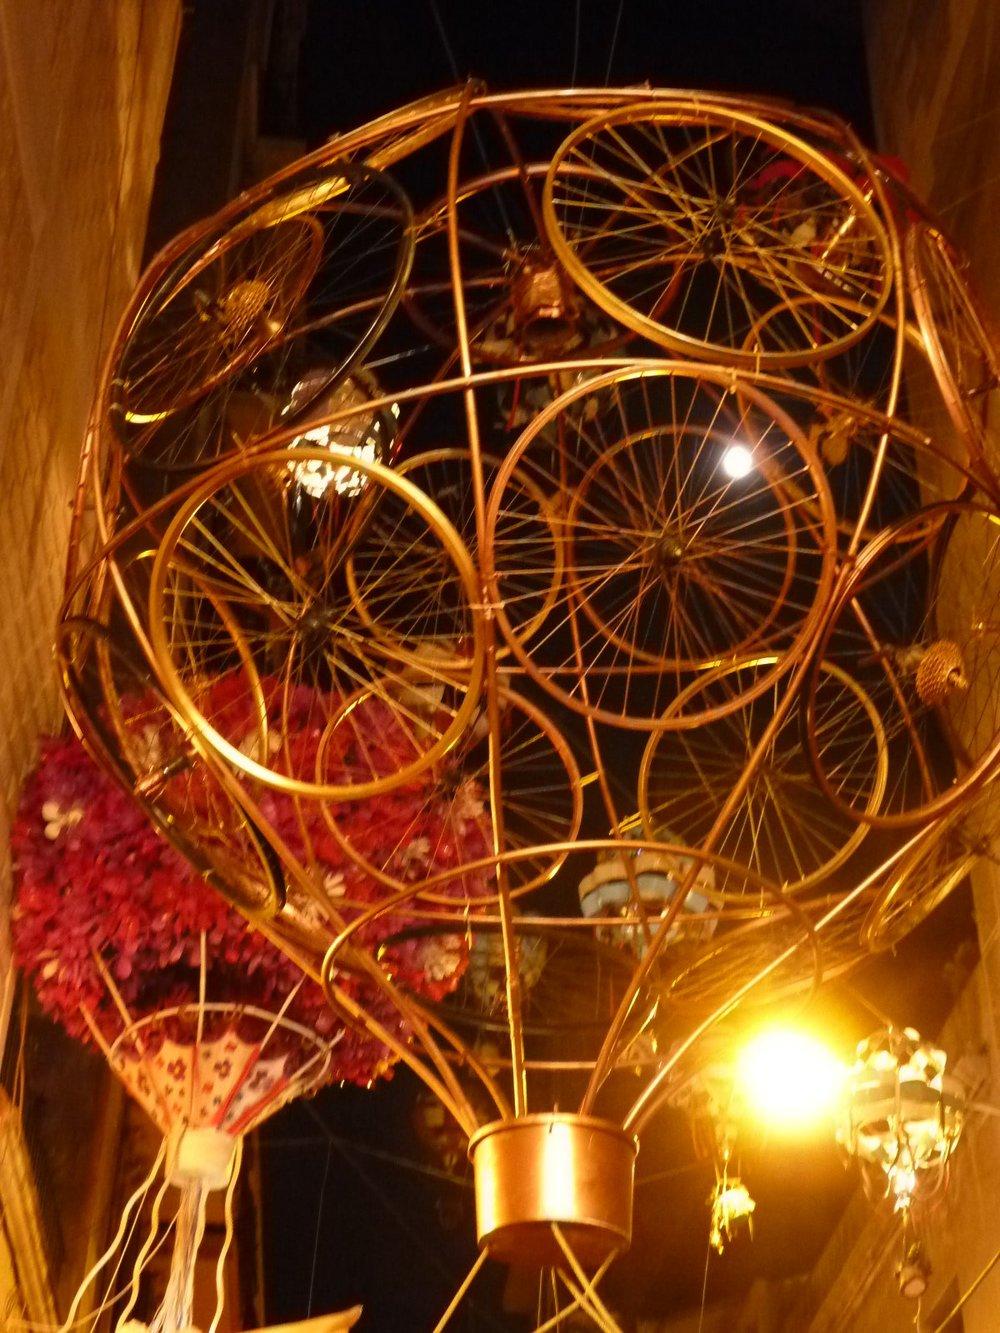 Festival-Gracia-Bike-Baloon-e1377425770688.jpg